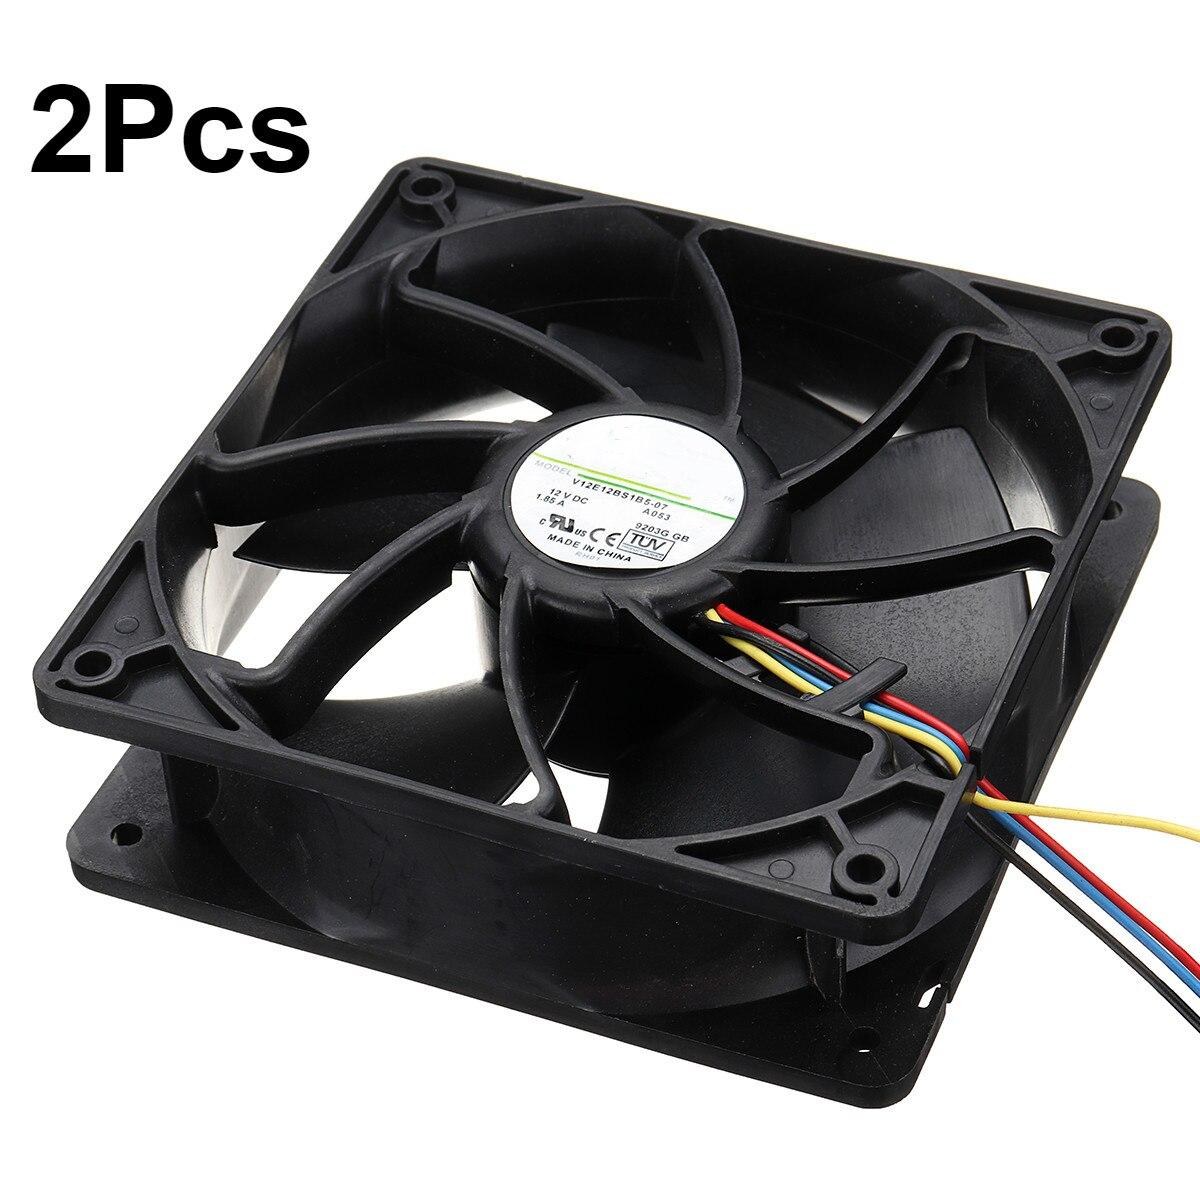 6500RPM CPU Del Computer Ventola Di Raffreddamento di Ricambio 4-pin del Connettore PWM di Controllo della Temperatura Per Bitmain Antminer 12 V/ 1.85A S7 S9 Nero